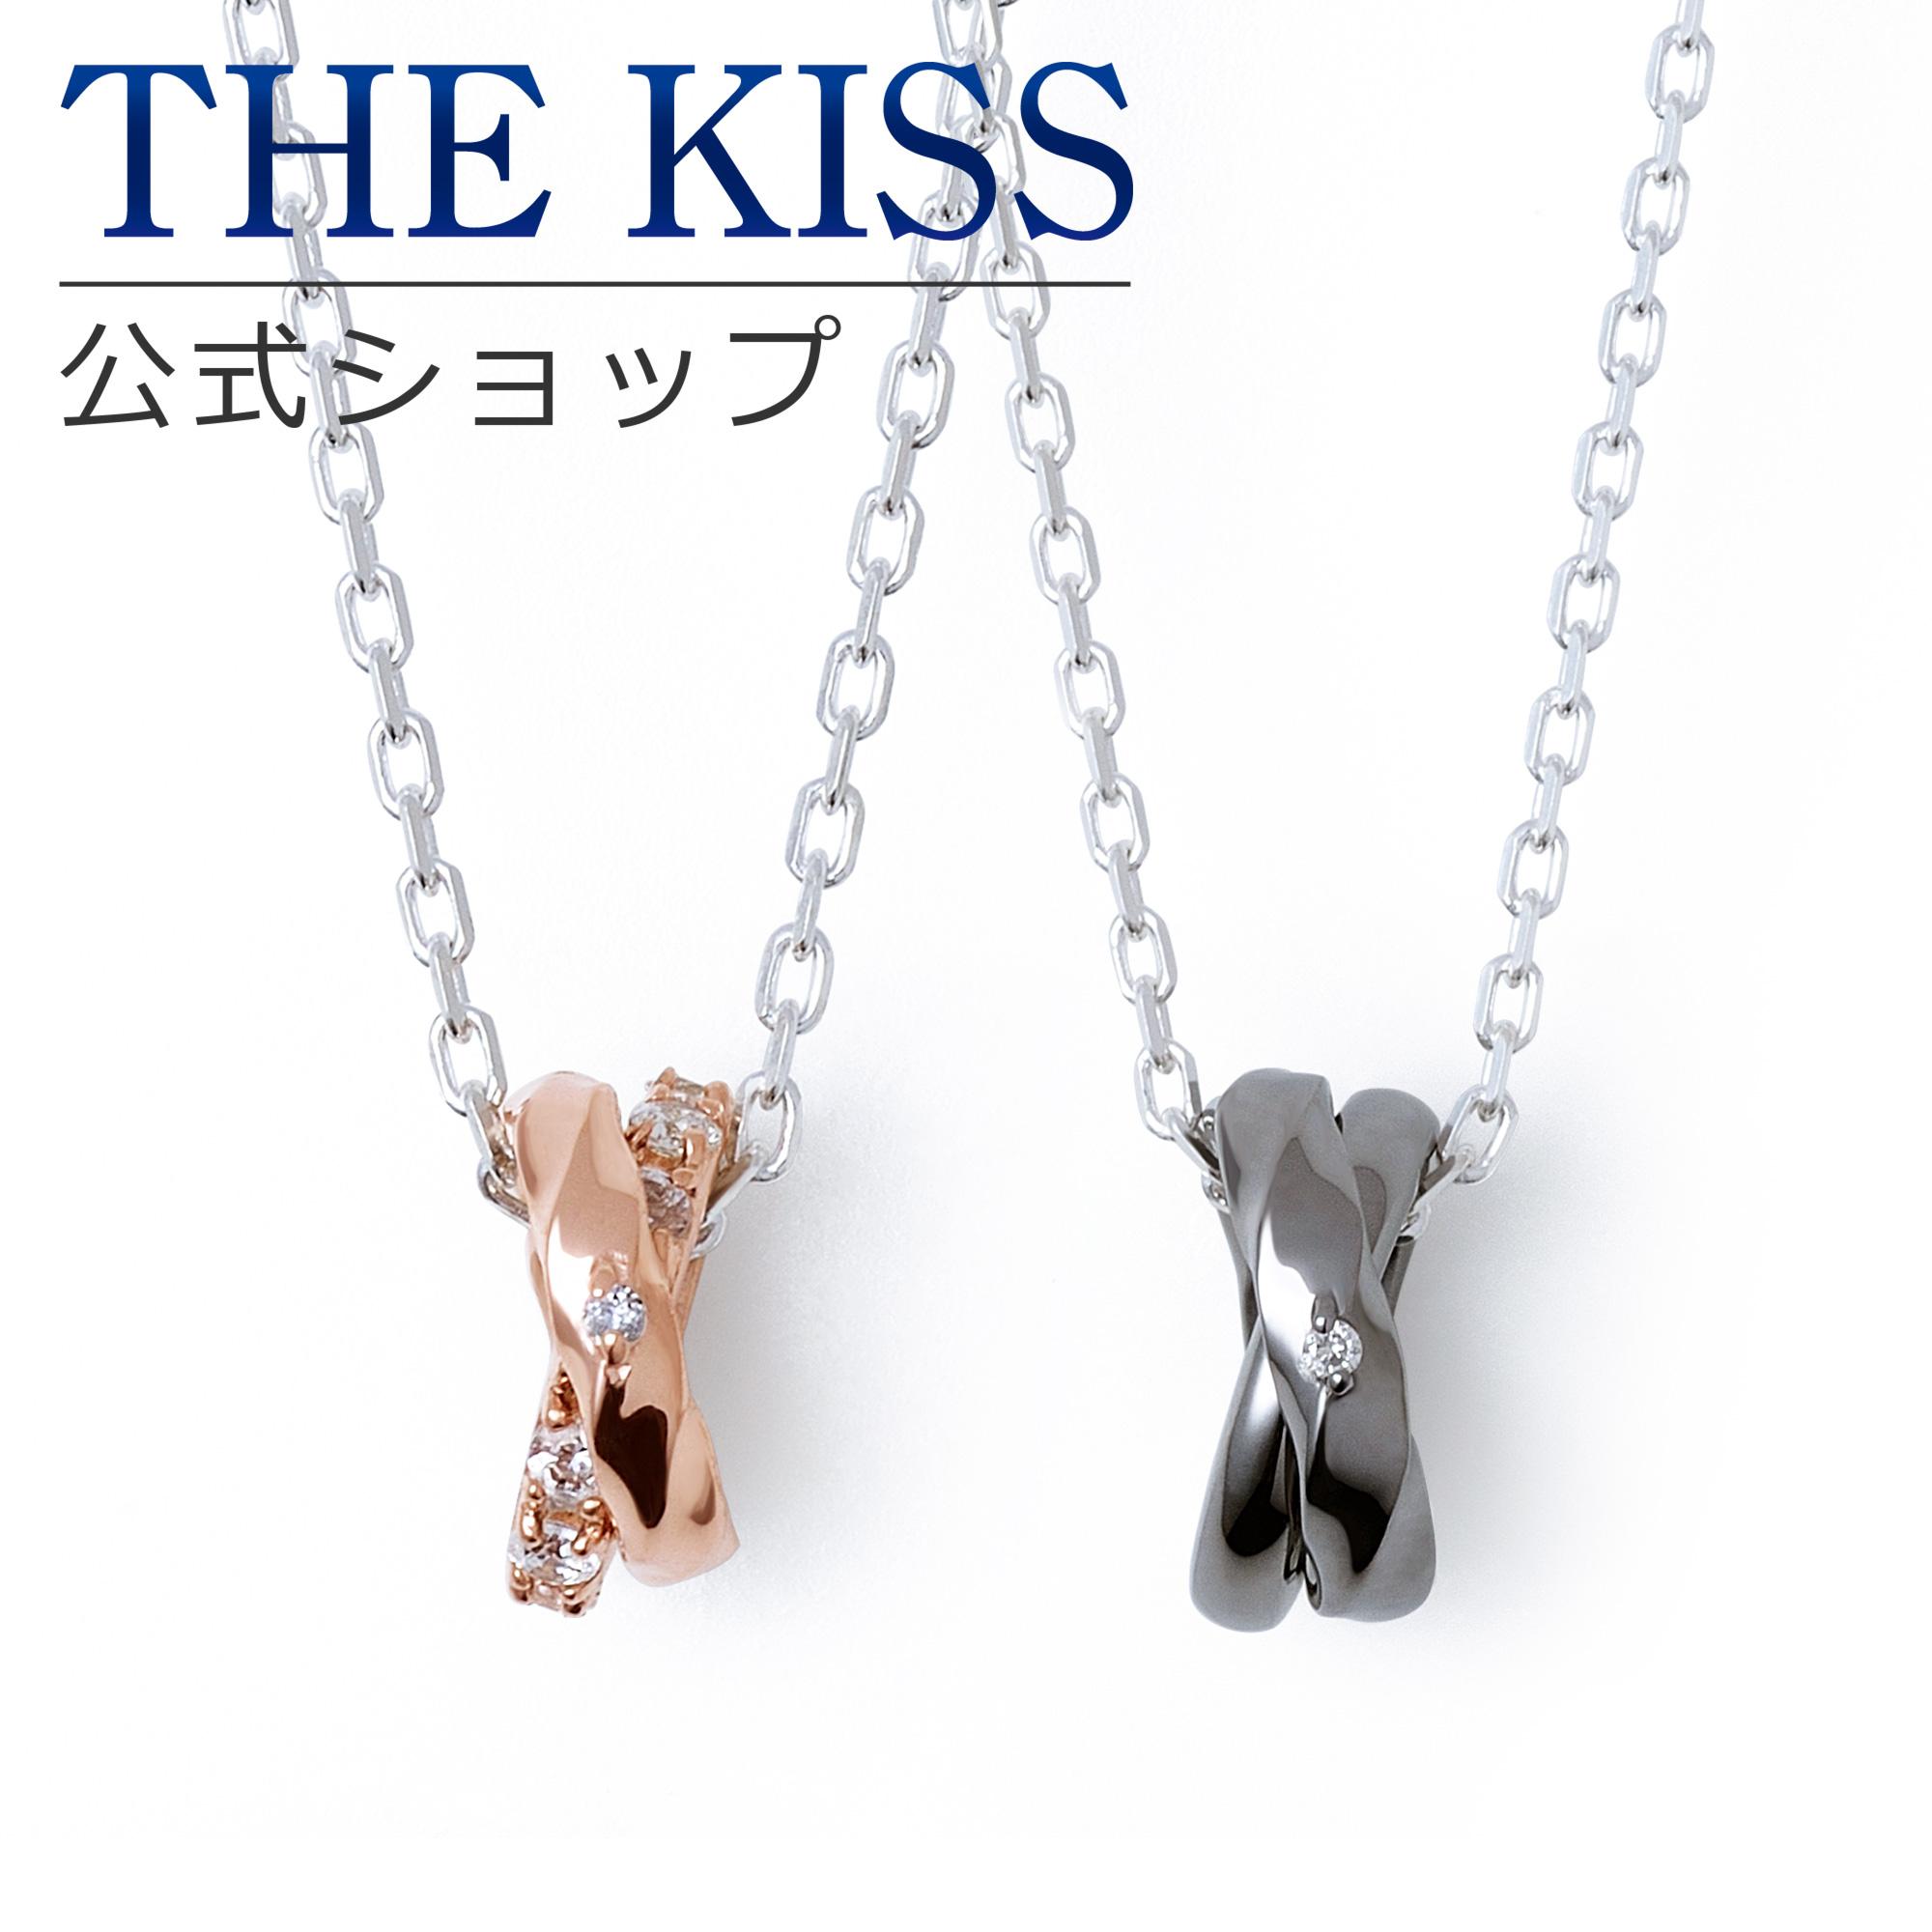 【あす楽対応】THE KISS 公式サイト シルバー ペアネックレス ペアアクセサリー カップル に 人気 の ジュエリーブランド THEKISS ペア ネックレス・ペンダント 記念日 プレゼント SPD7032DM-7033DM セット シンプル ザキス 【送料無料】